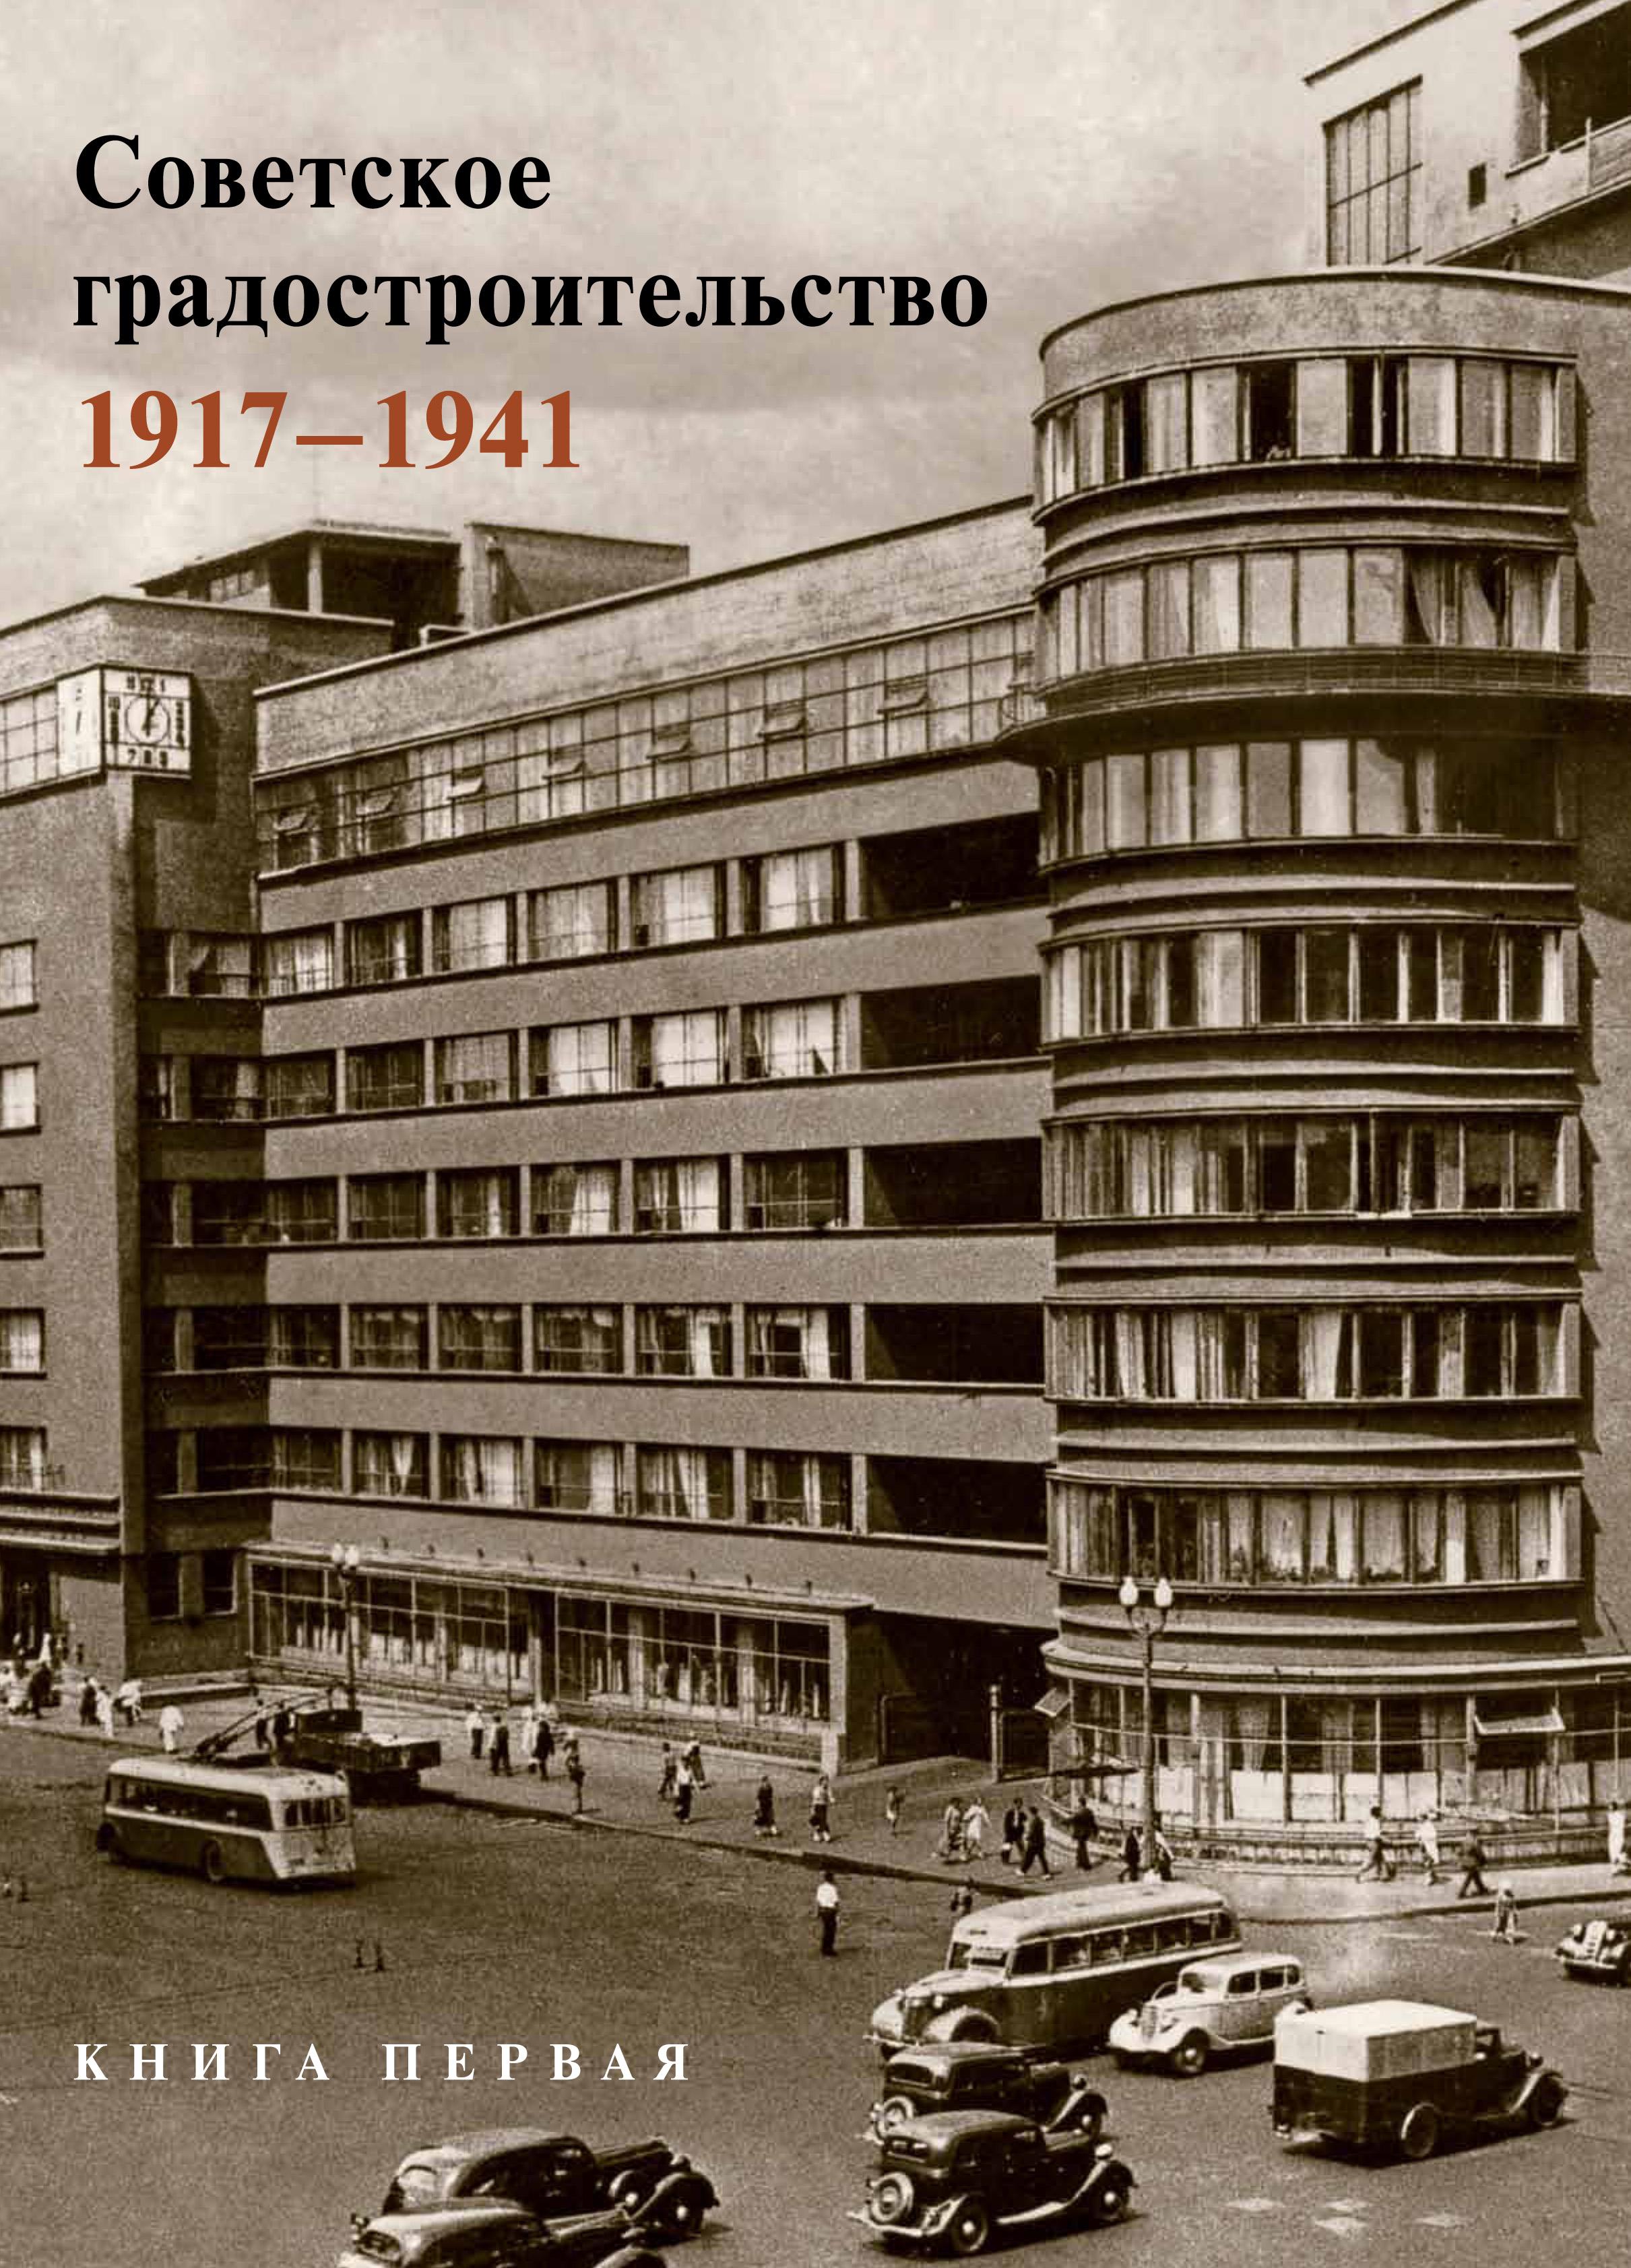 Коллектив авторов Советское градостроительство. 1917–1941. 1 том цена